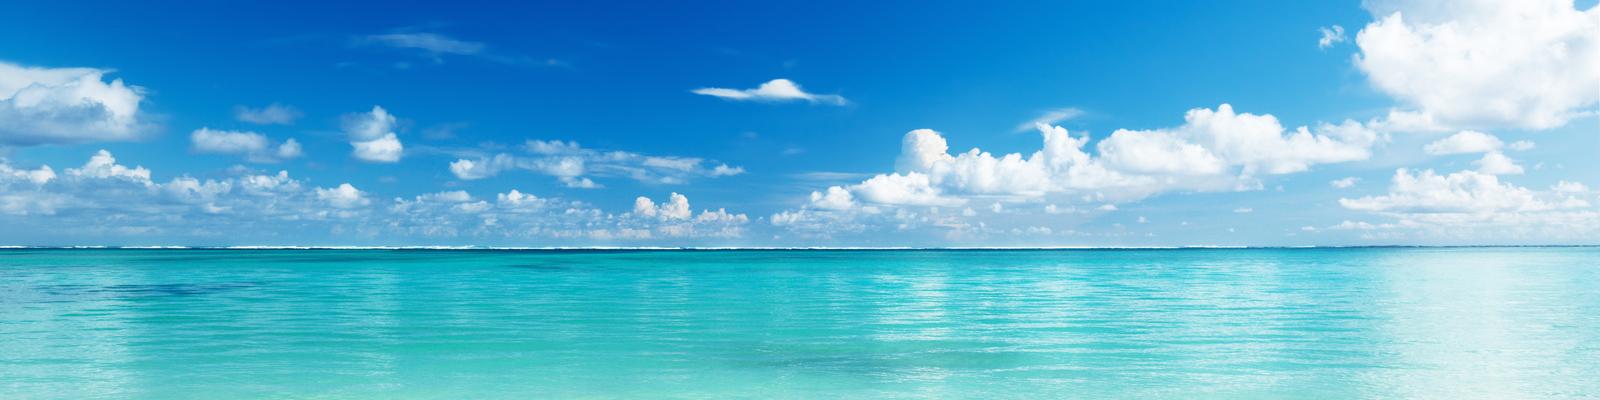 slider-ocean-bleu-1600x400